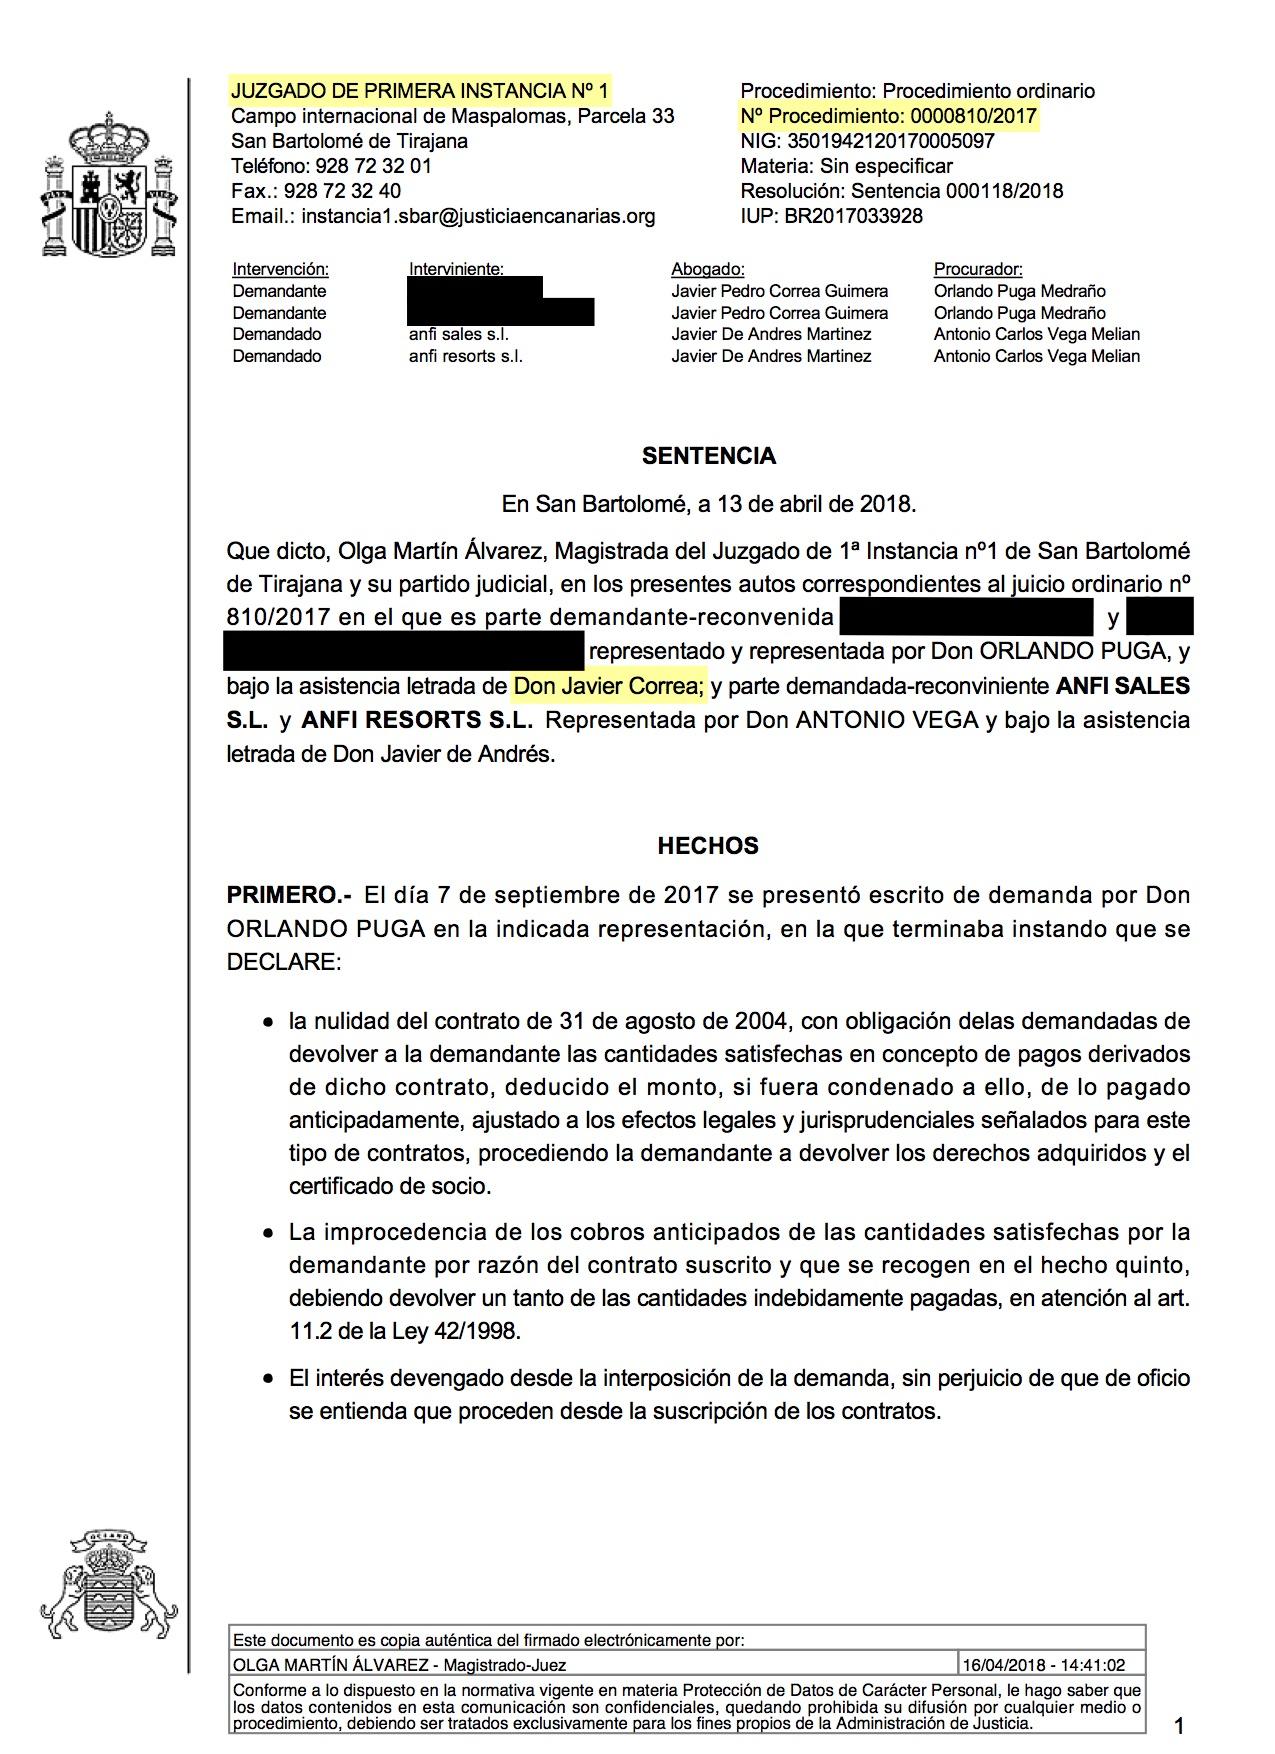 18-04-18 DOOLER. Sentencia de Primera Instancia. SBT 1. Estimatoria parcial sin costas 1 - Publicada 20-04-18.jpg